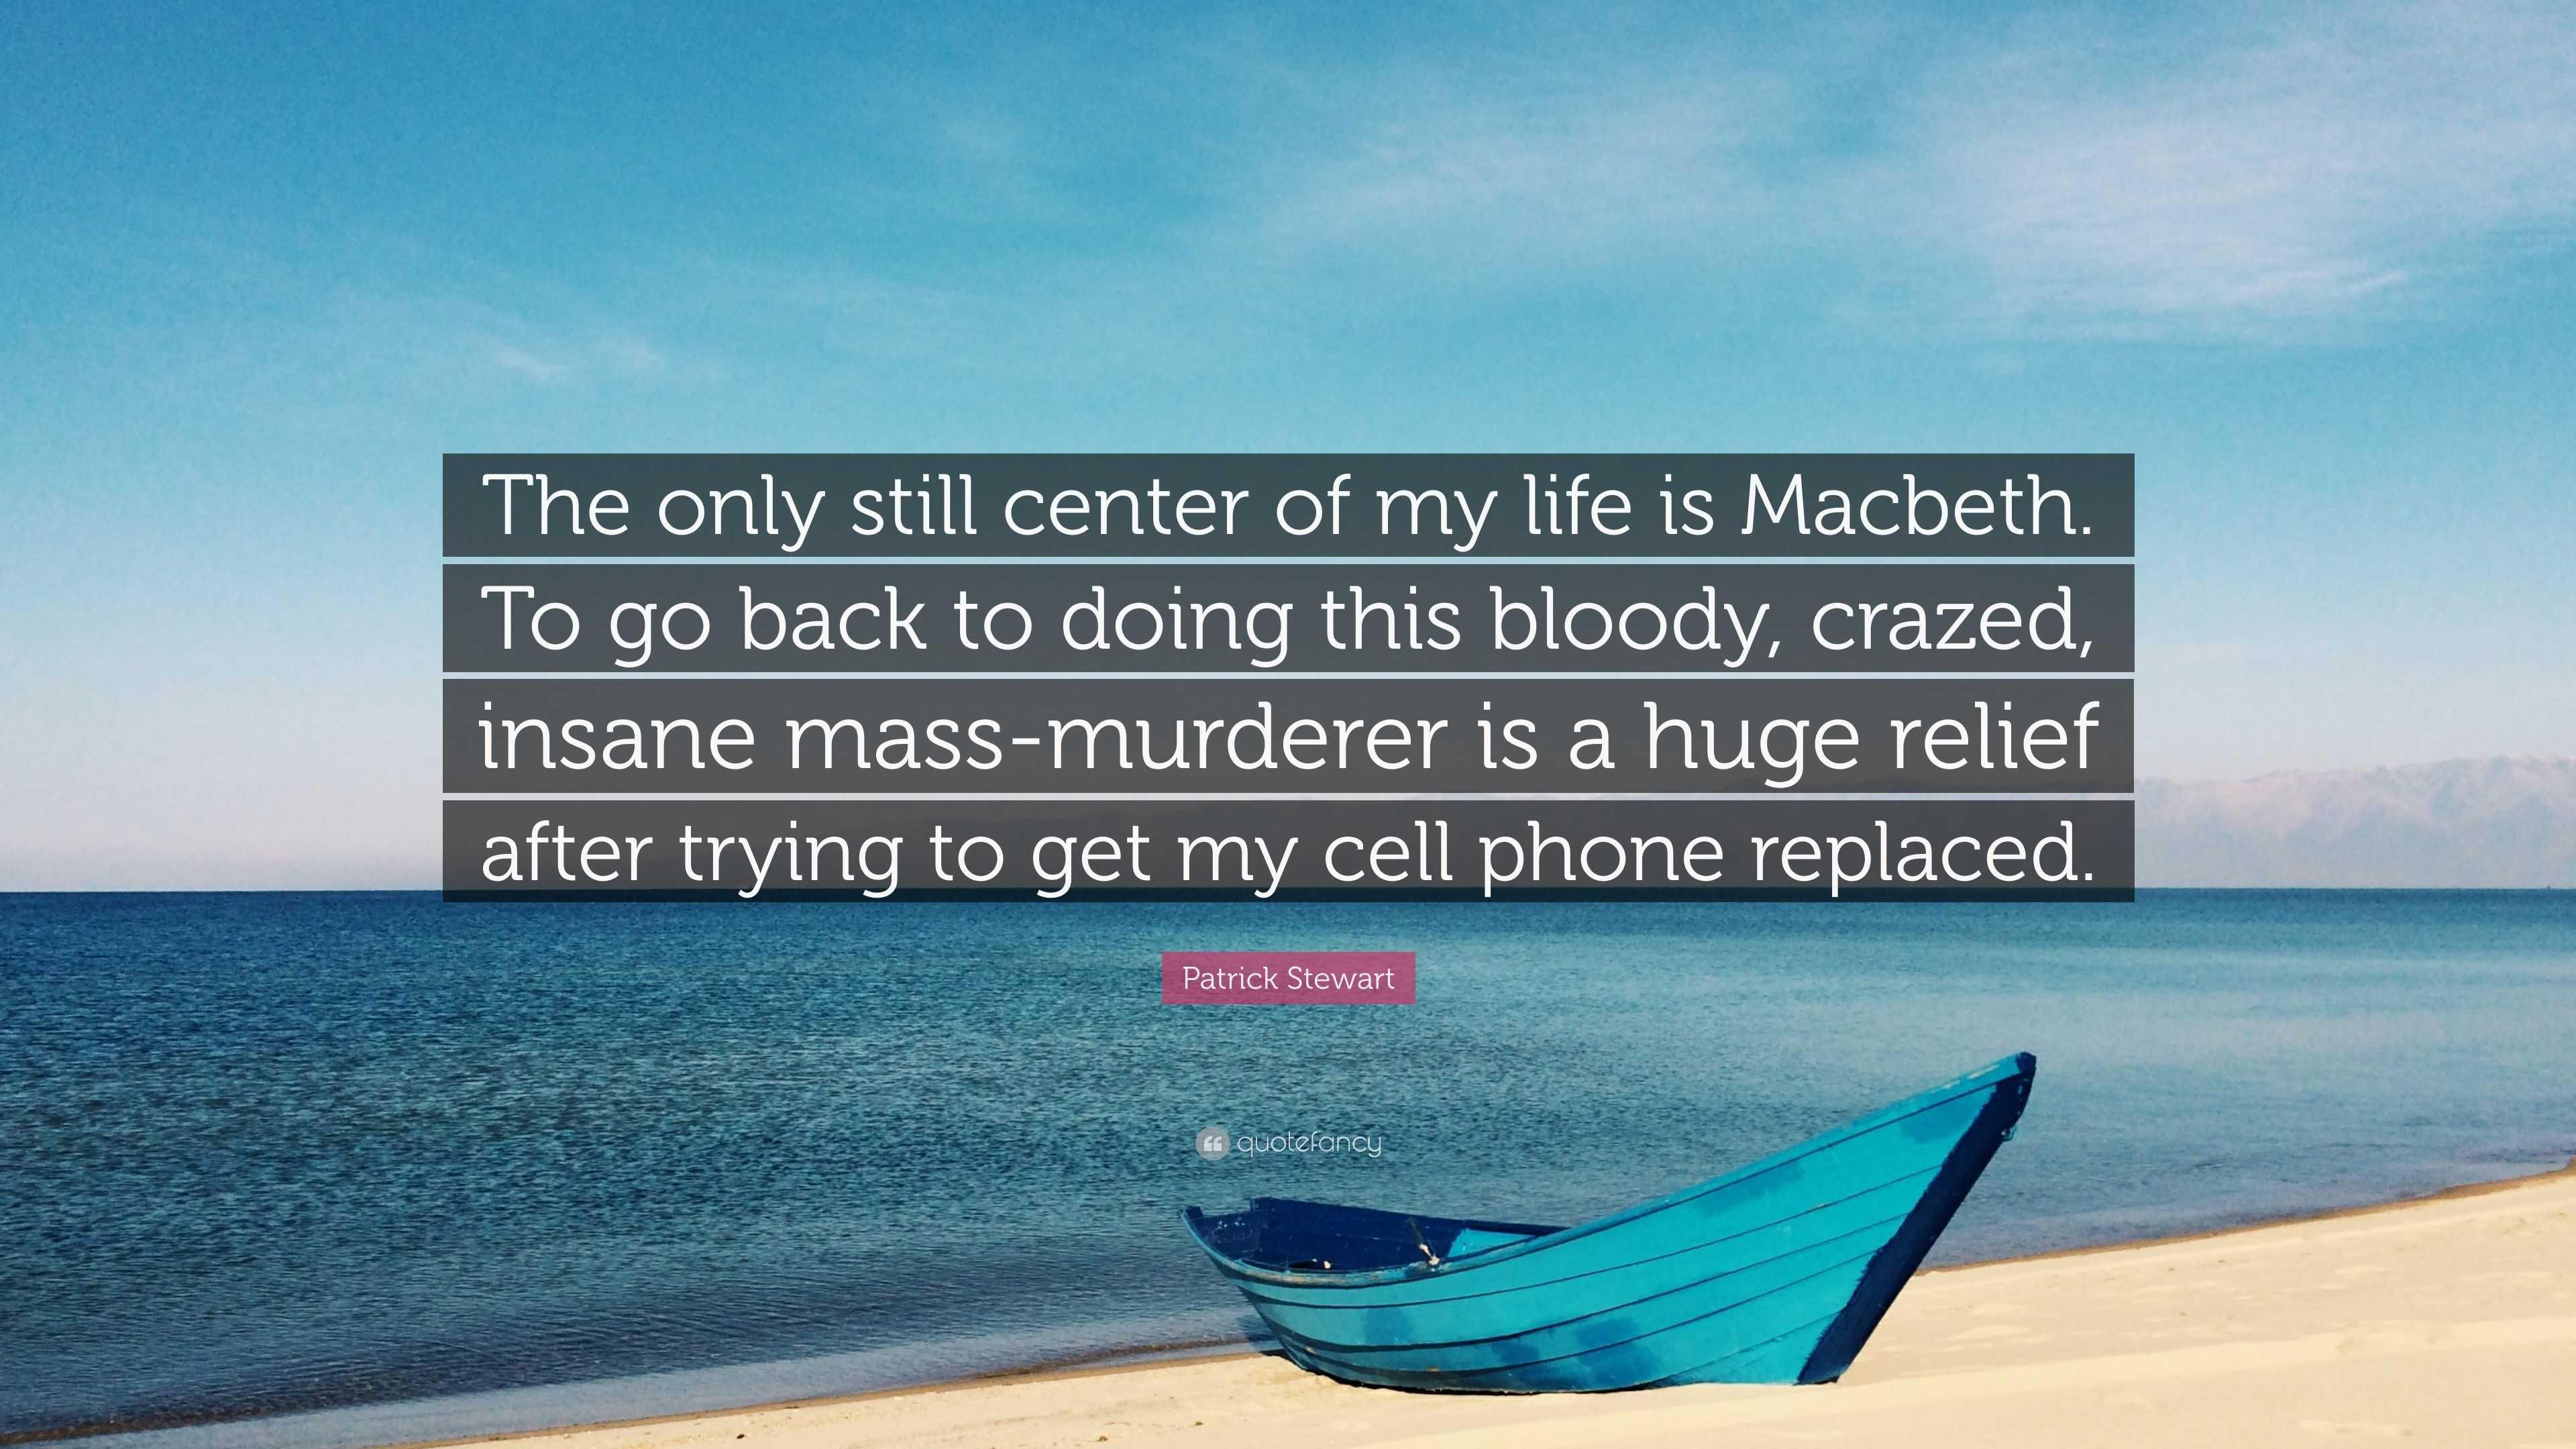 macbeth insanity quotes